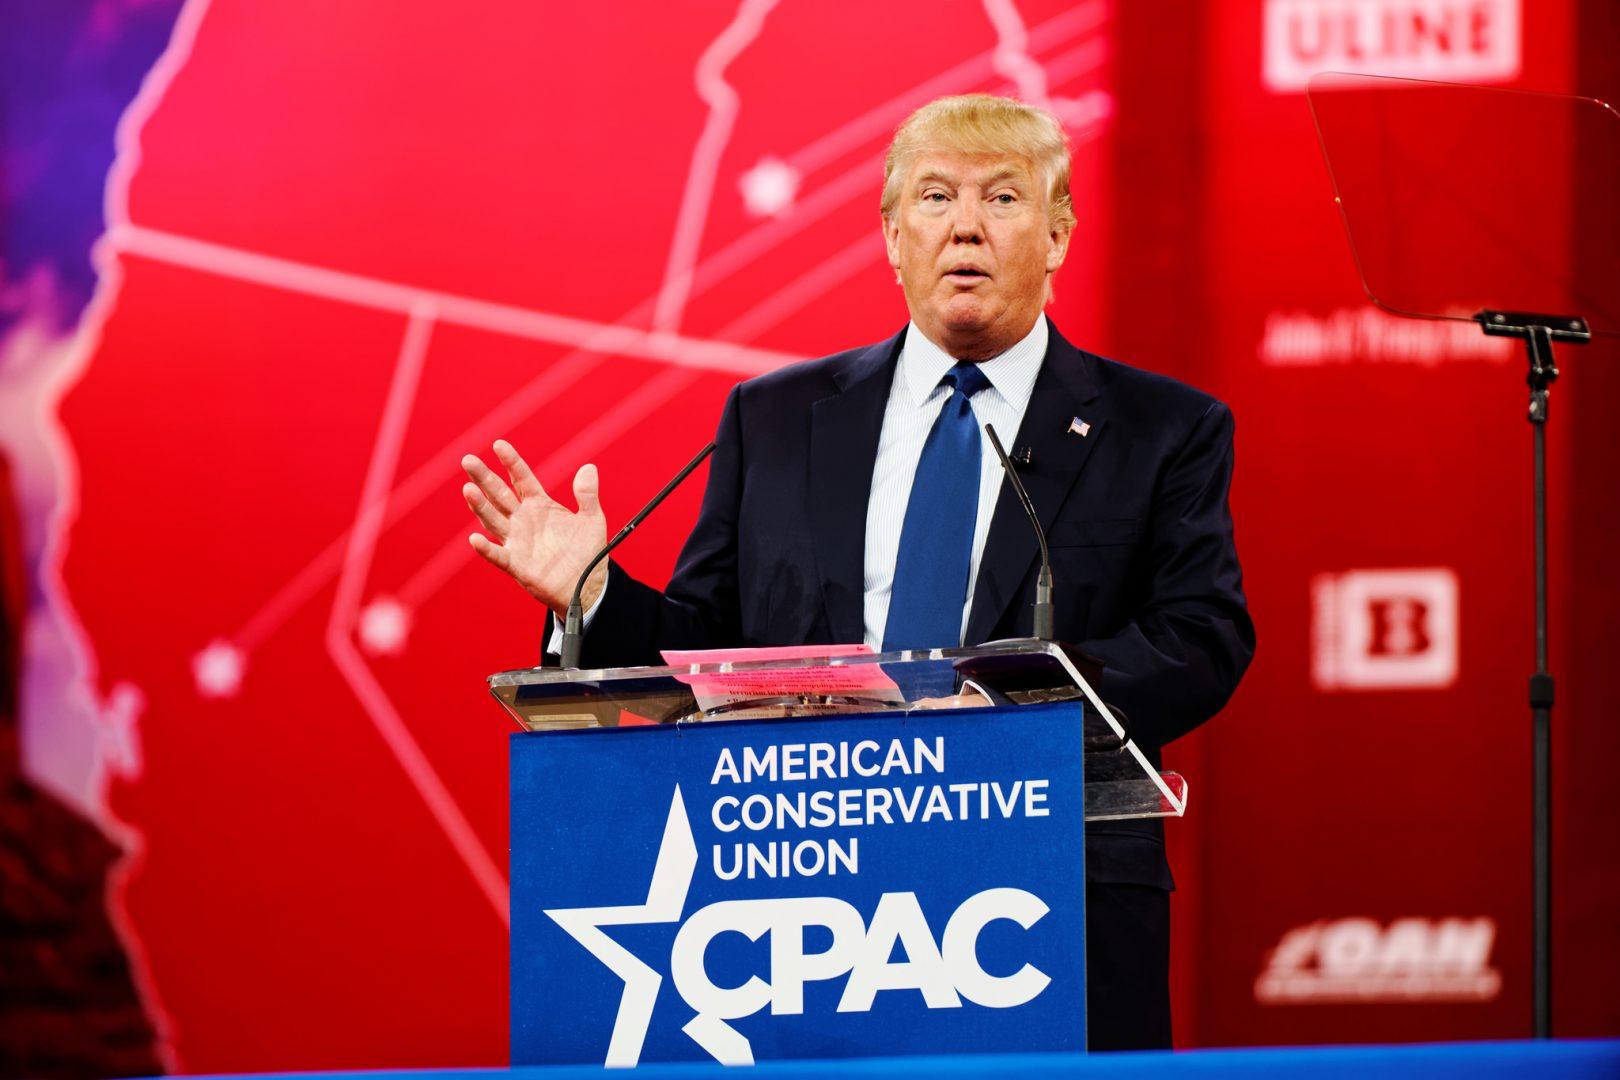 Zwycięstwo Donalda Trumpa wwyborach wUSA – możliwe konsekwencje dla amerykańskiej polityki zagranicznej ibezpieczeństwa